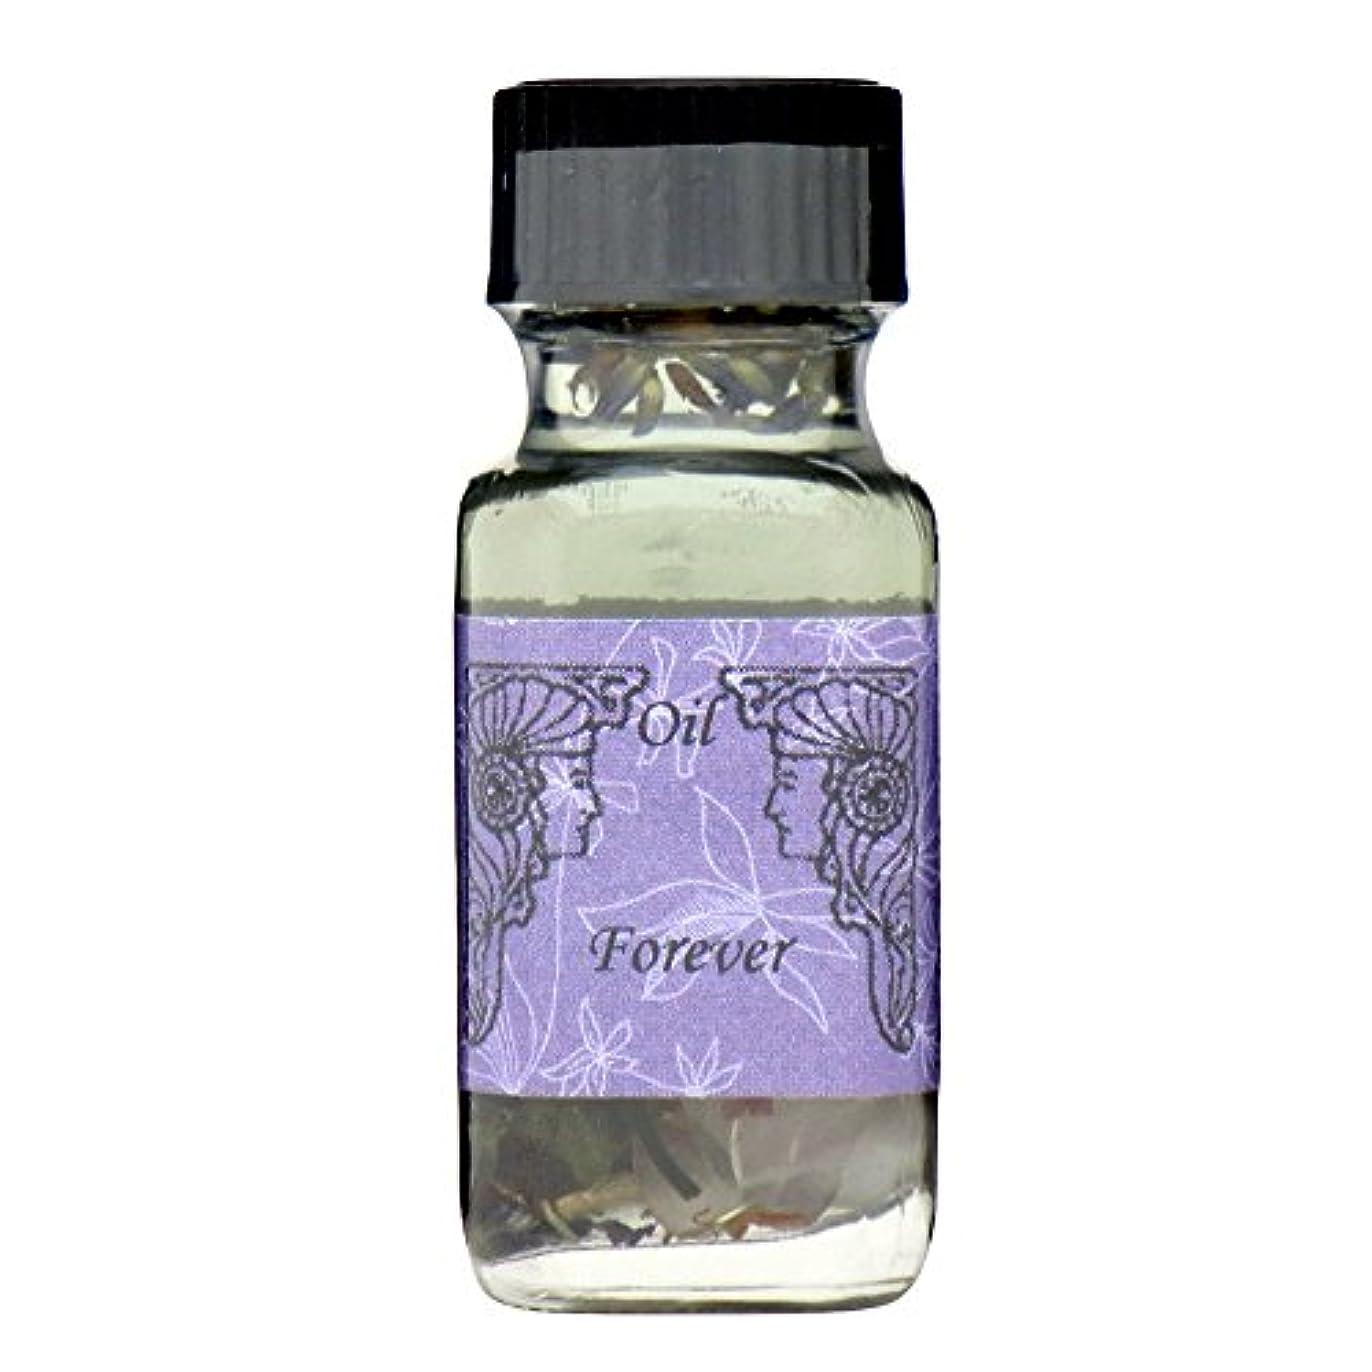 面倒ミュウミュウ増加するアンシェントメモリーオイル フォーエバー (永続的な関係) 15ml (Ancient Memory Oils)